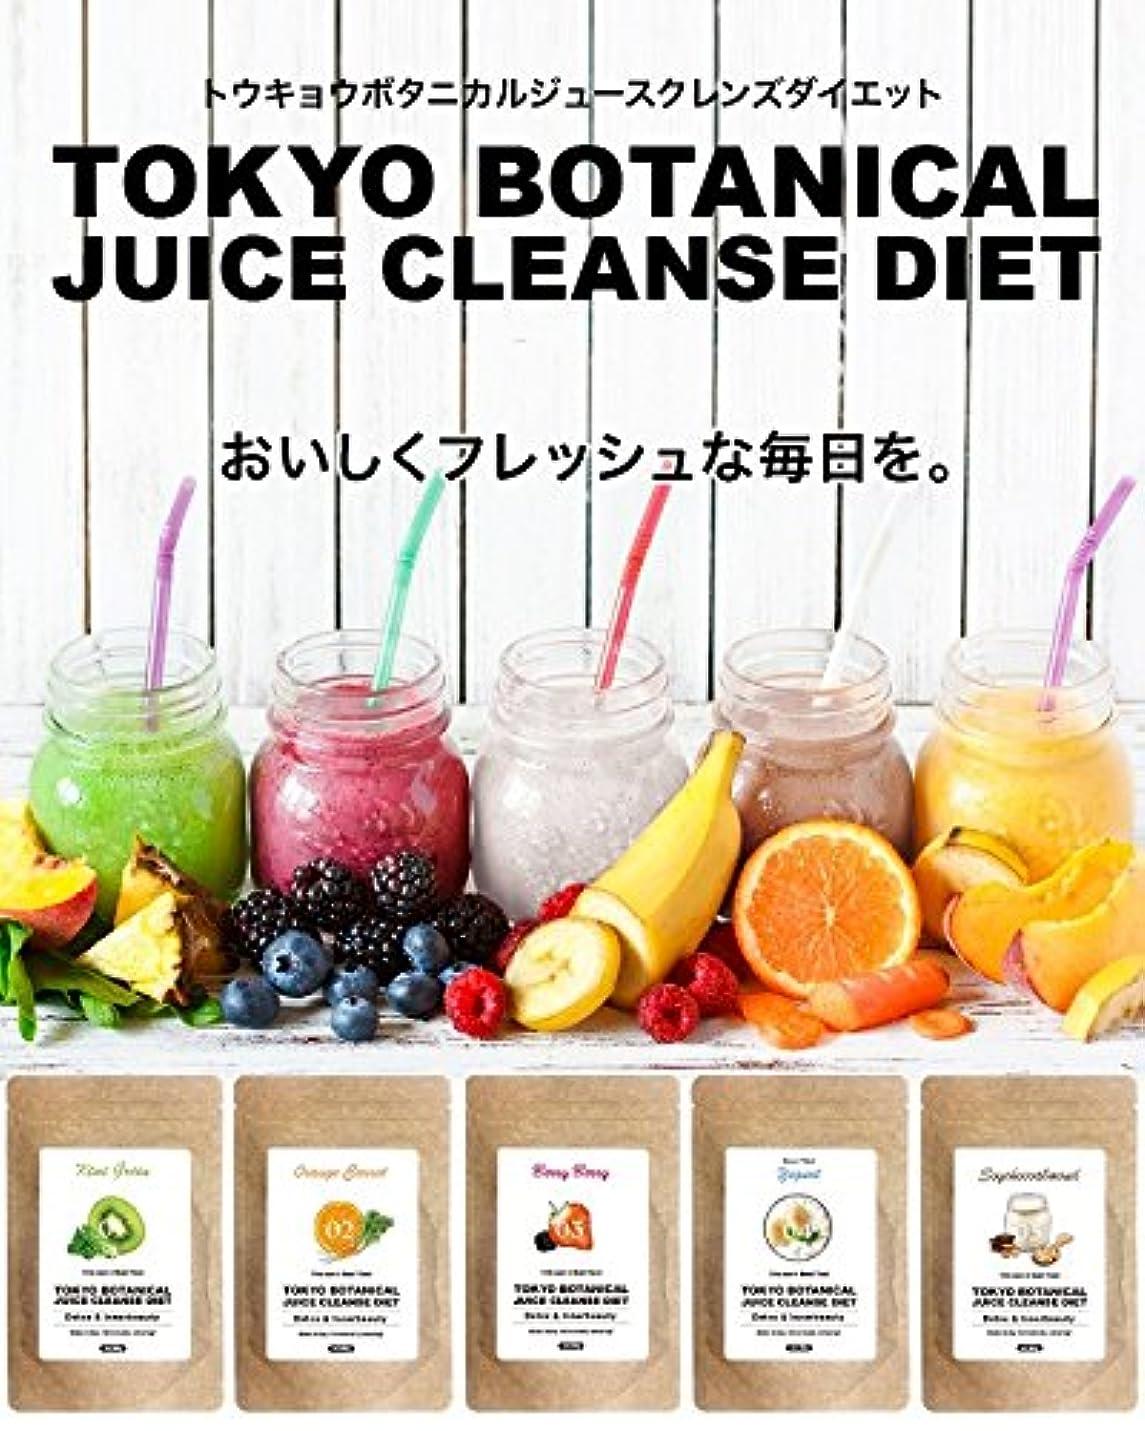 単調な進捗時刻表東京ボタニカルジュースクレンズダイエット  ベリーベリー&ソイチョコアーモンドセット